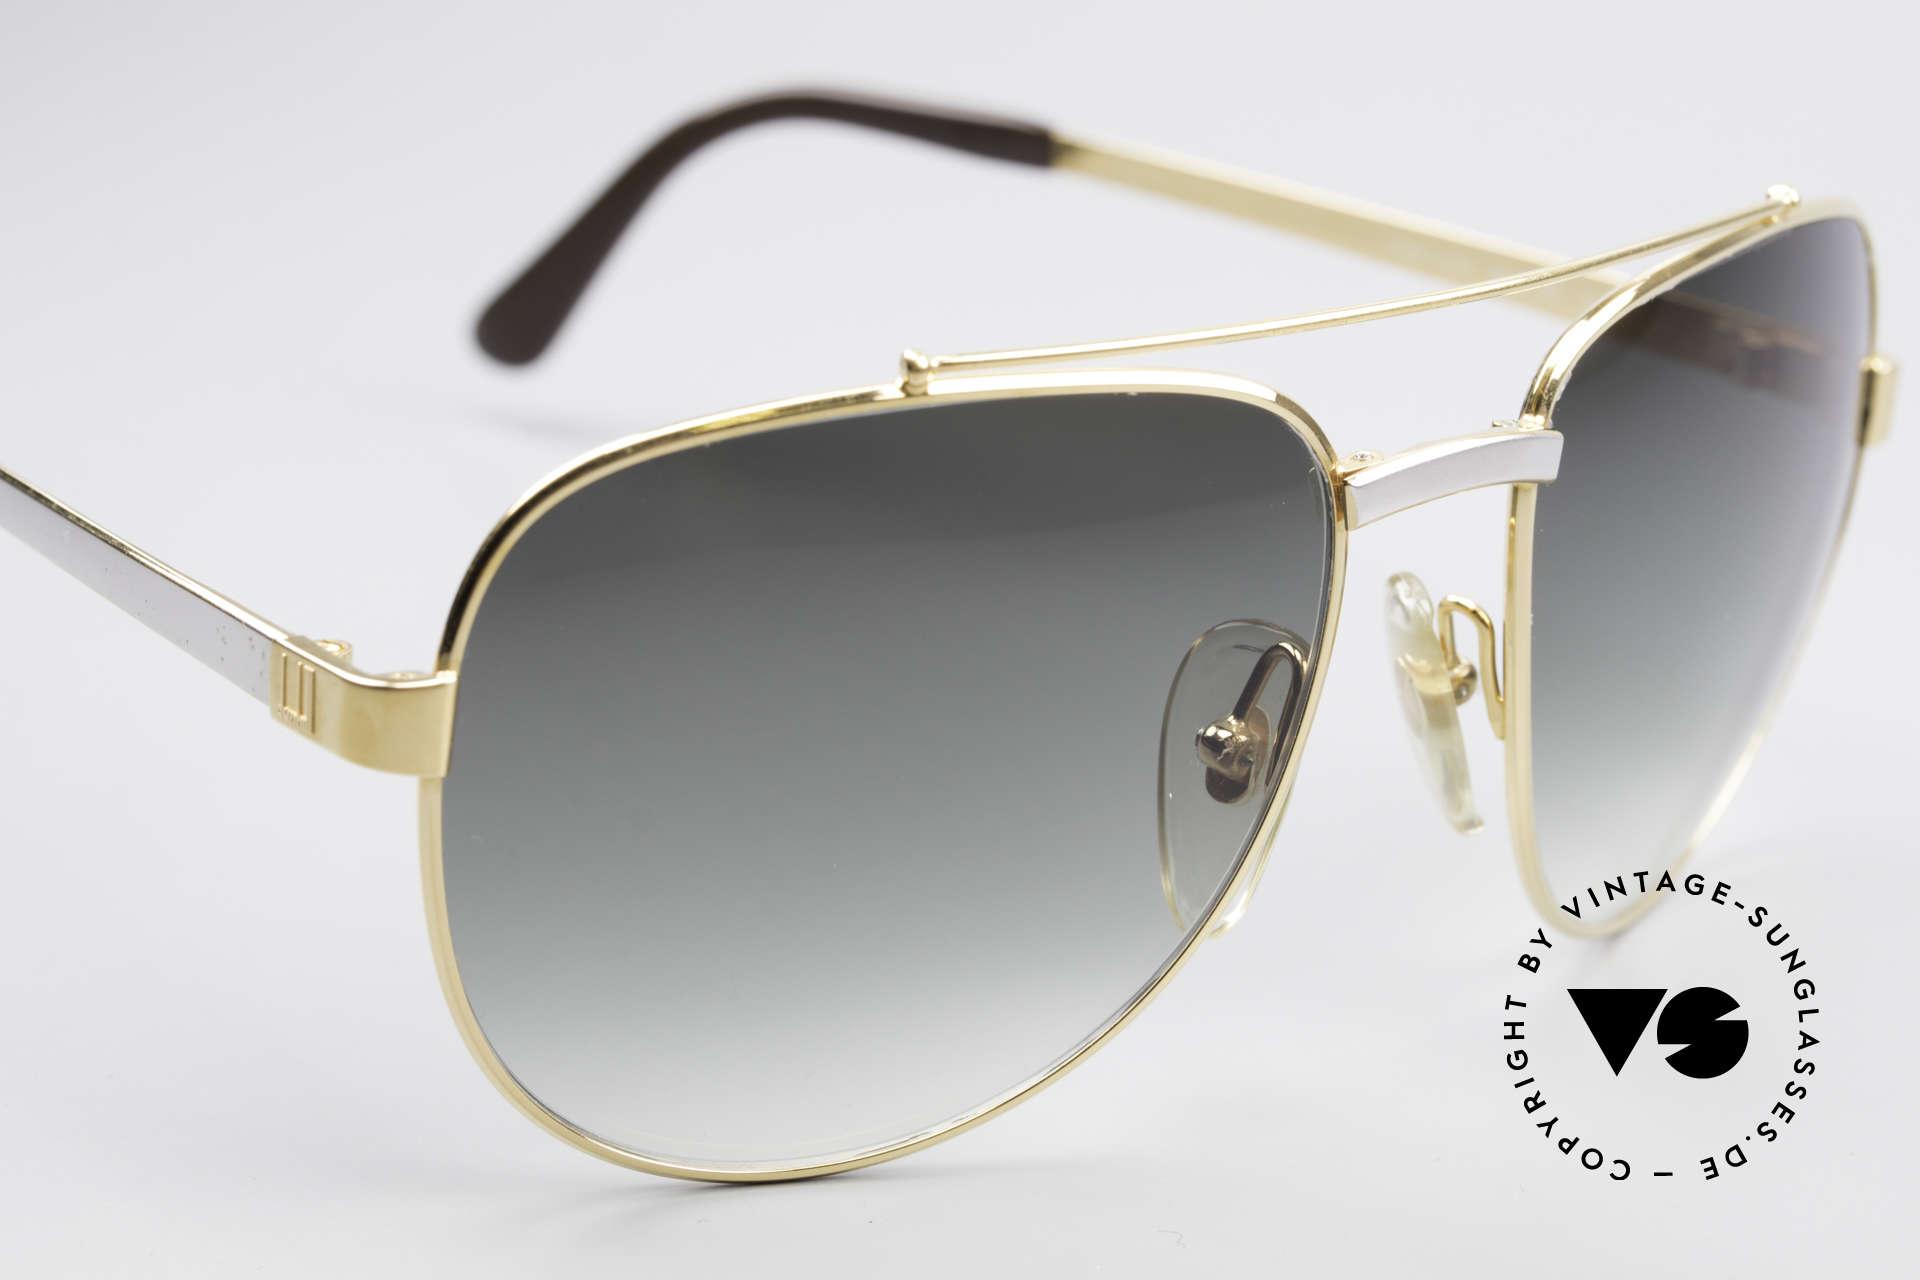 Dunhill 6029 Vergoldete Luxus Sonnenbrille, ungetragen (wie all unsere Luxus-Sonnenbrillen), Passend für Herren